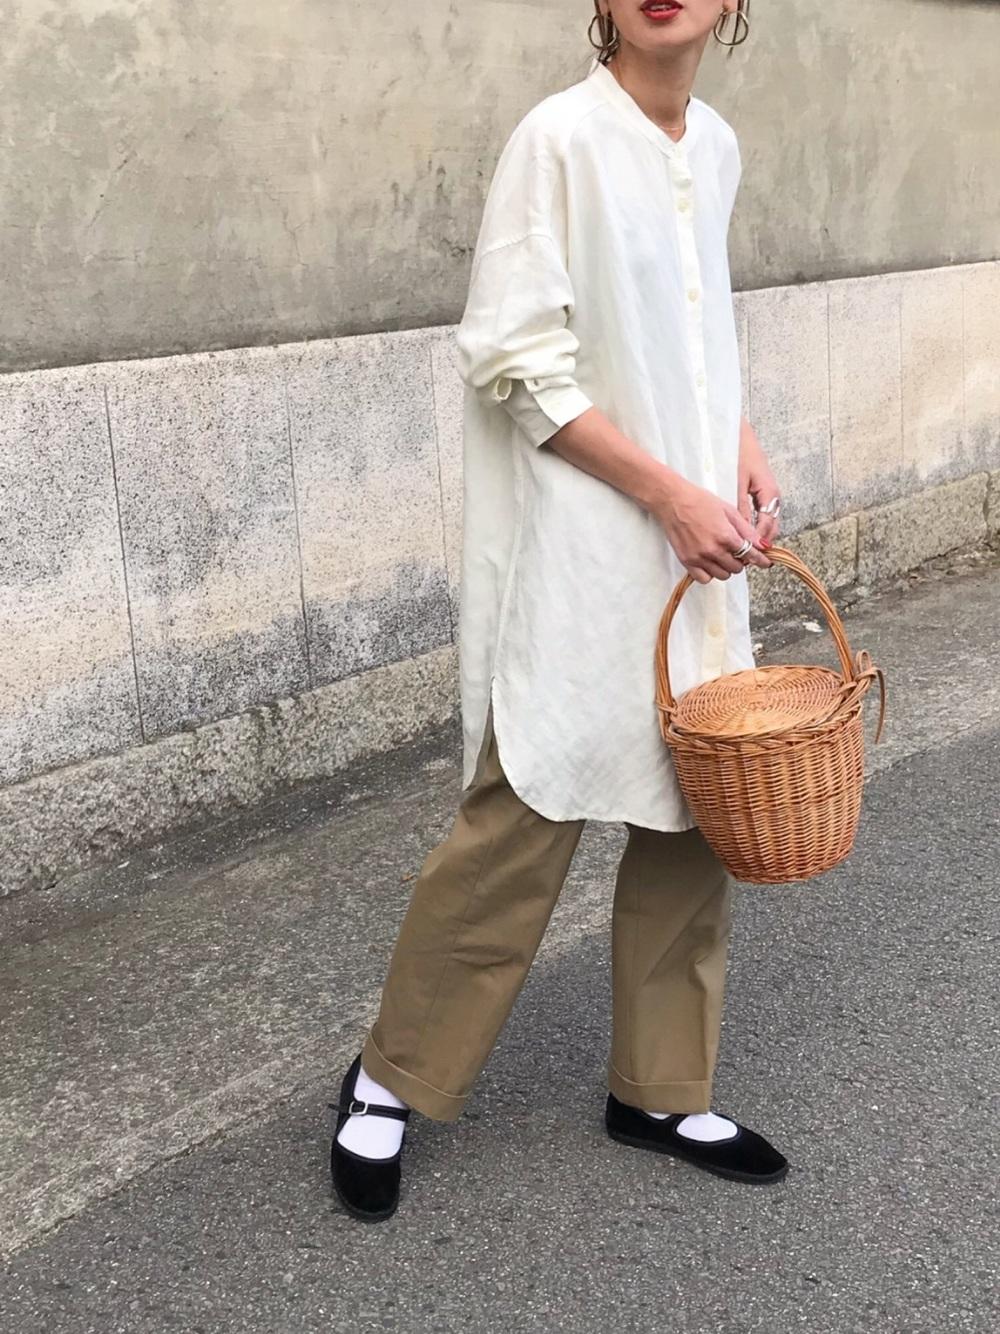 ユニクロの白のシャツとベージュのチノパンを着たコーデ